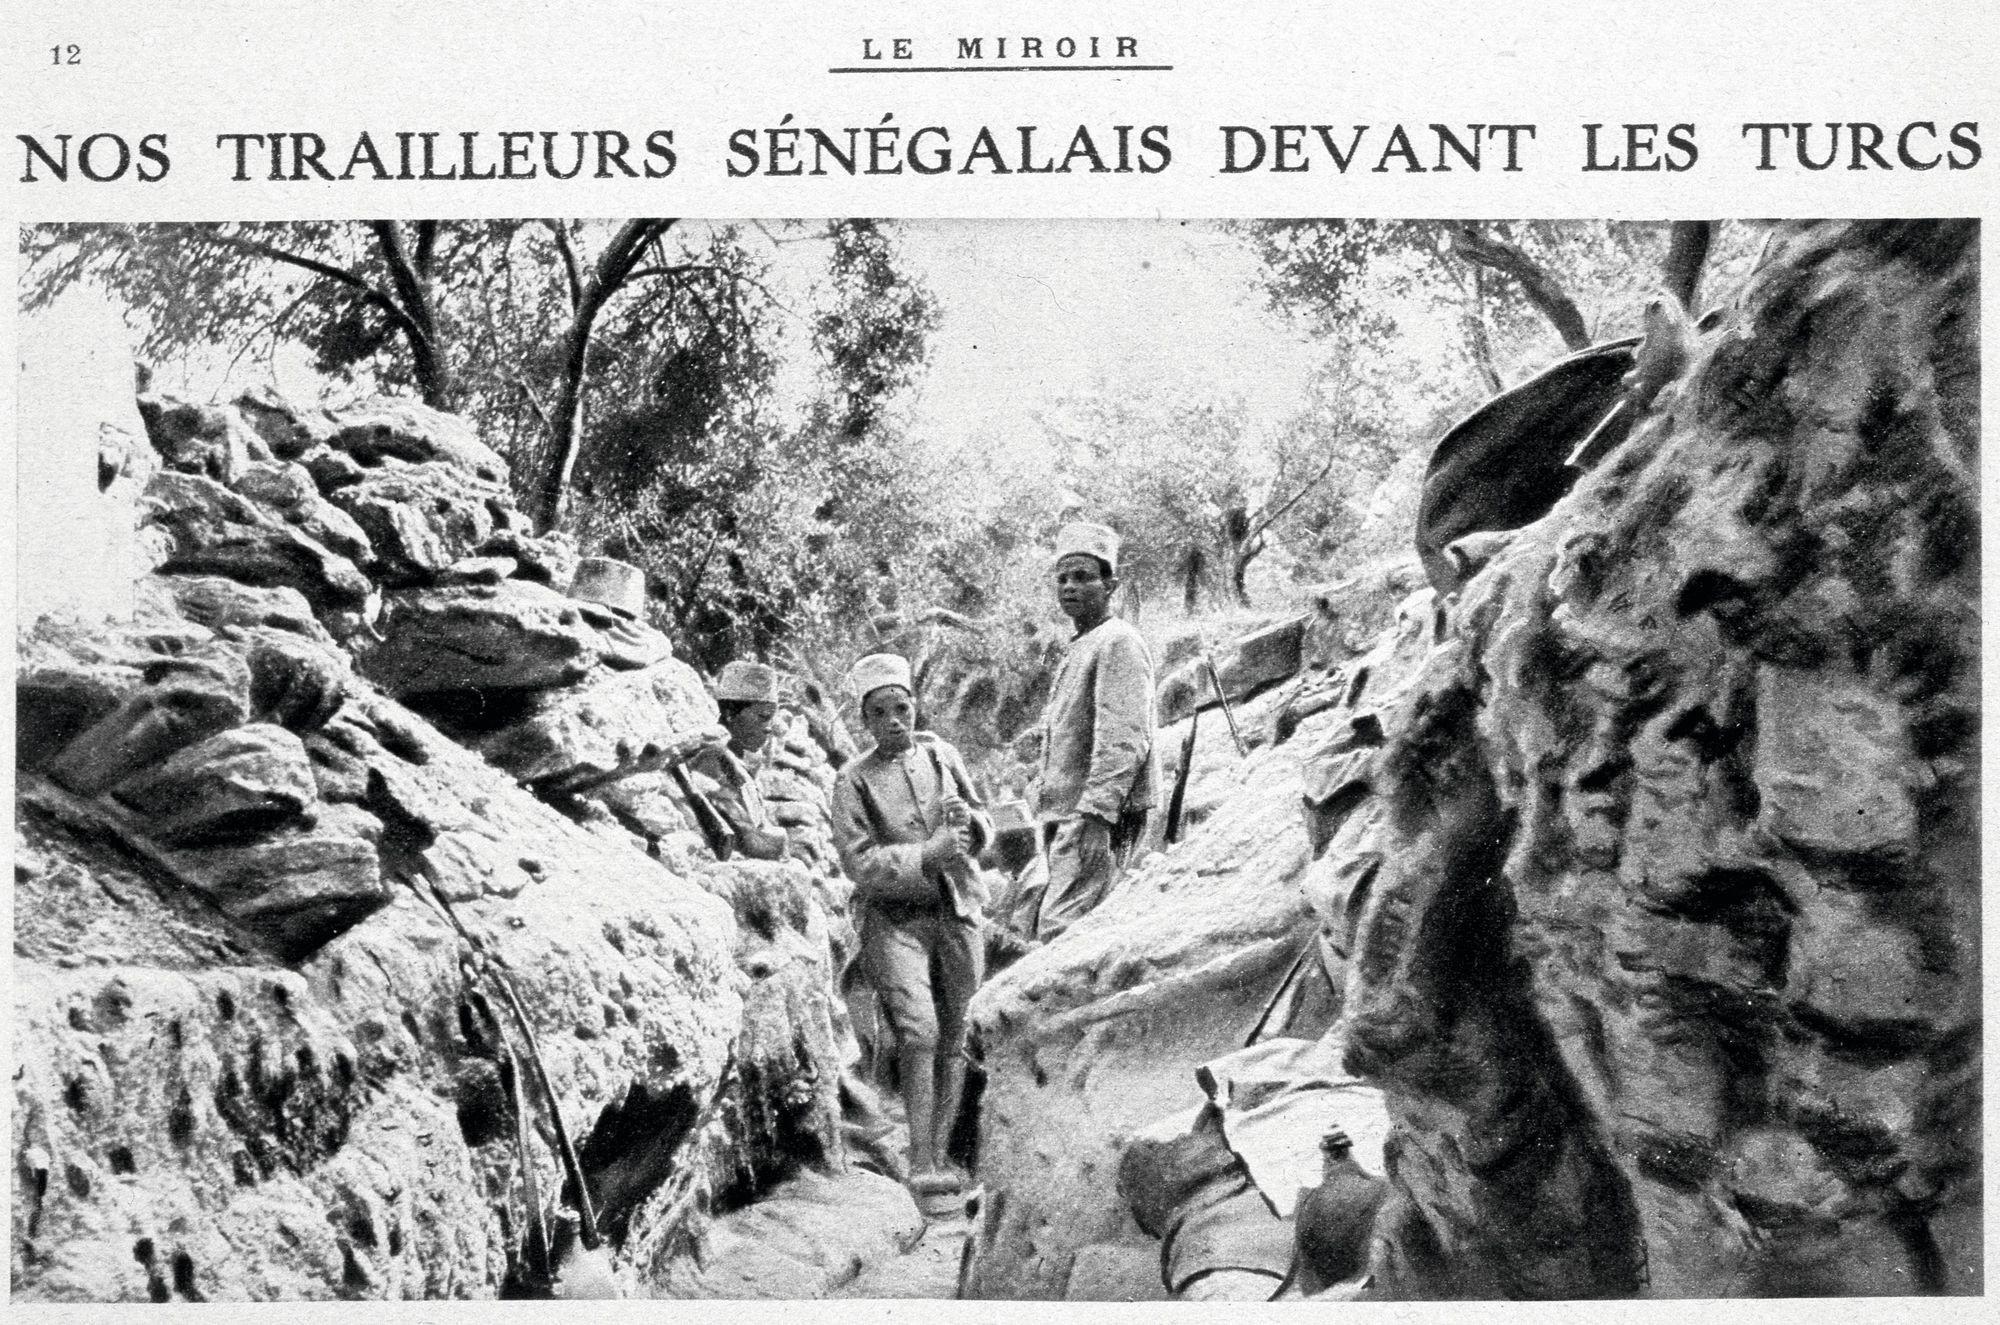 Tirailleurs sénégalais devant les Turcs, une de la revue Le Miroir, 28 novembre 1915